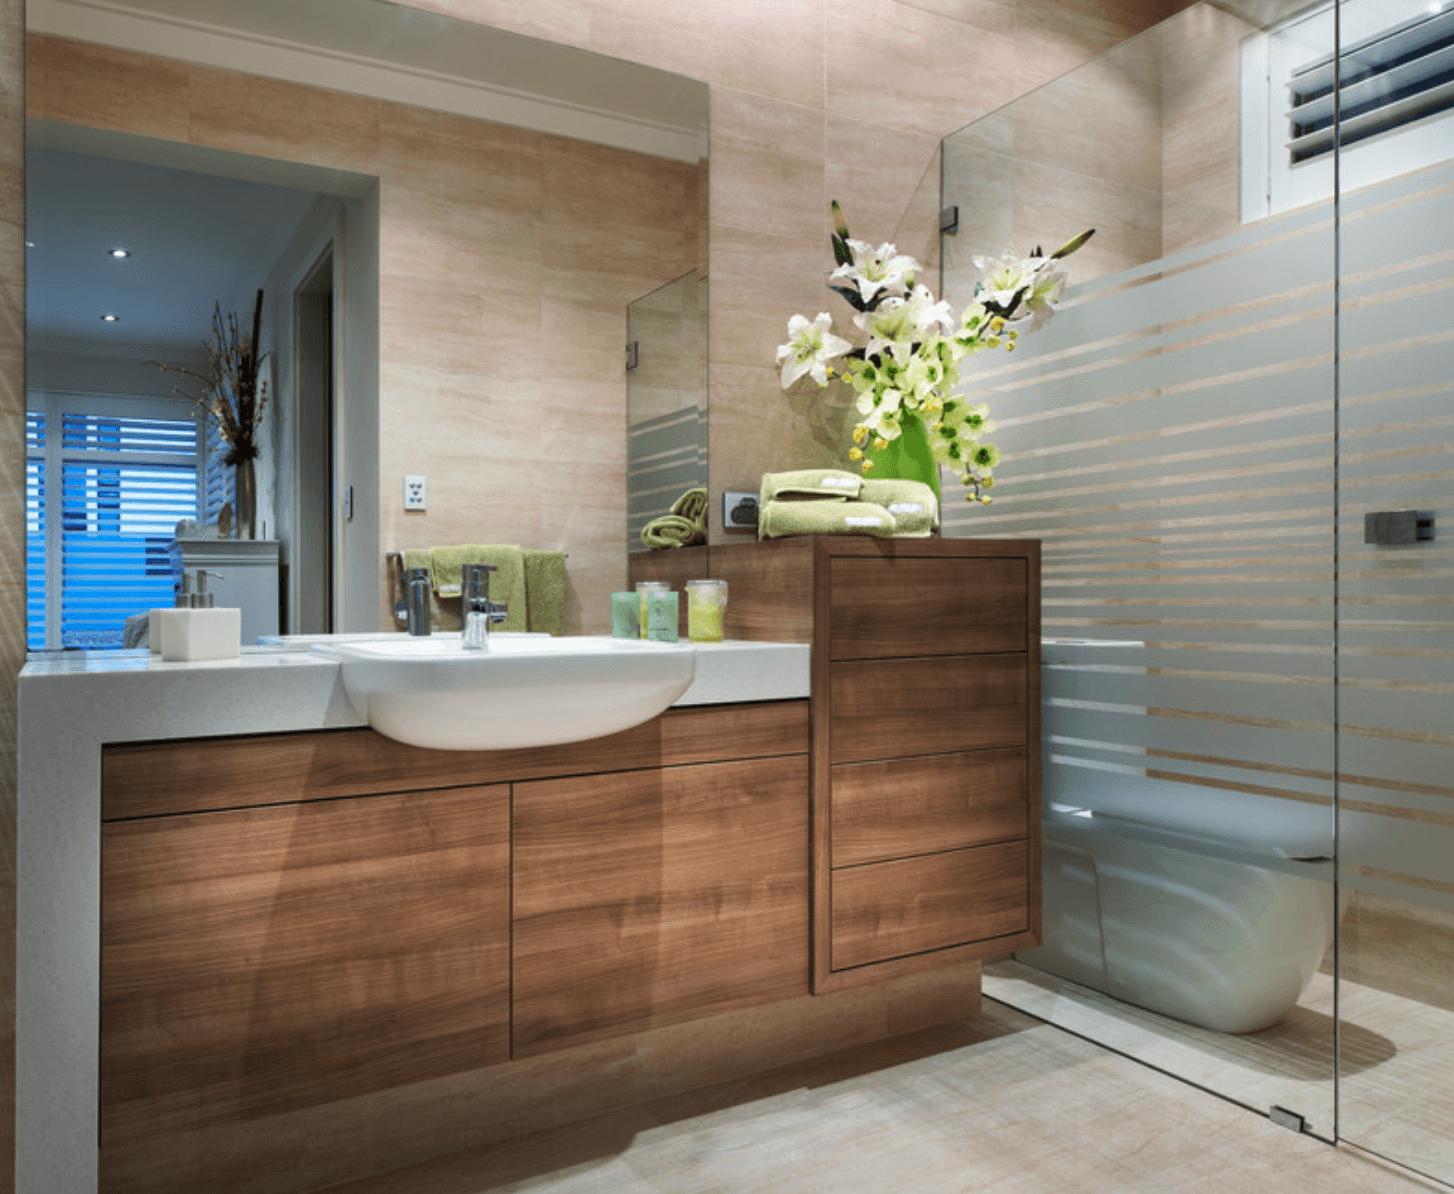 ao invés de escrever eu resolvi publicar algumas fotos de banheiros  #1B6FB0 1454x1194 Banheiro Com Banheira De Canto